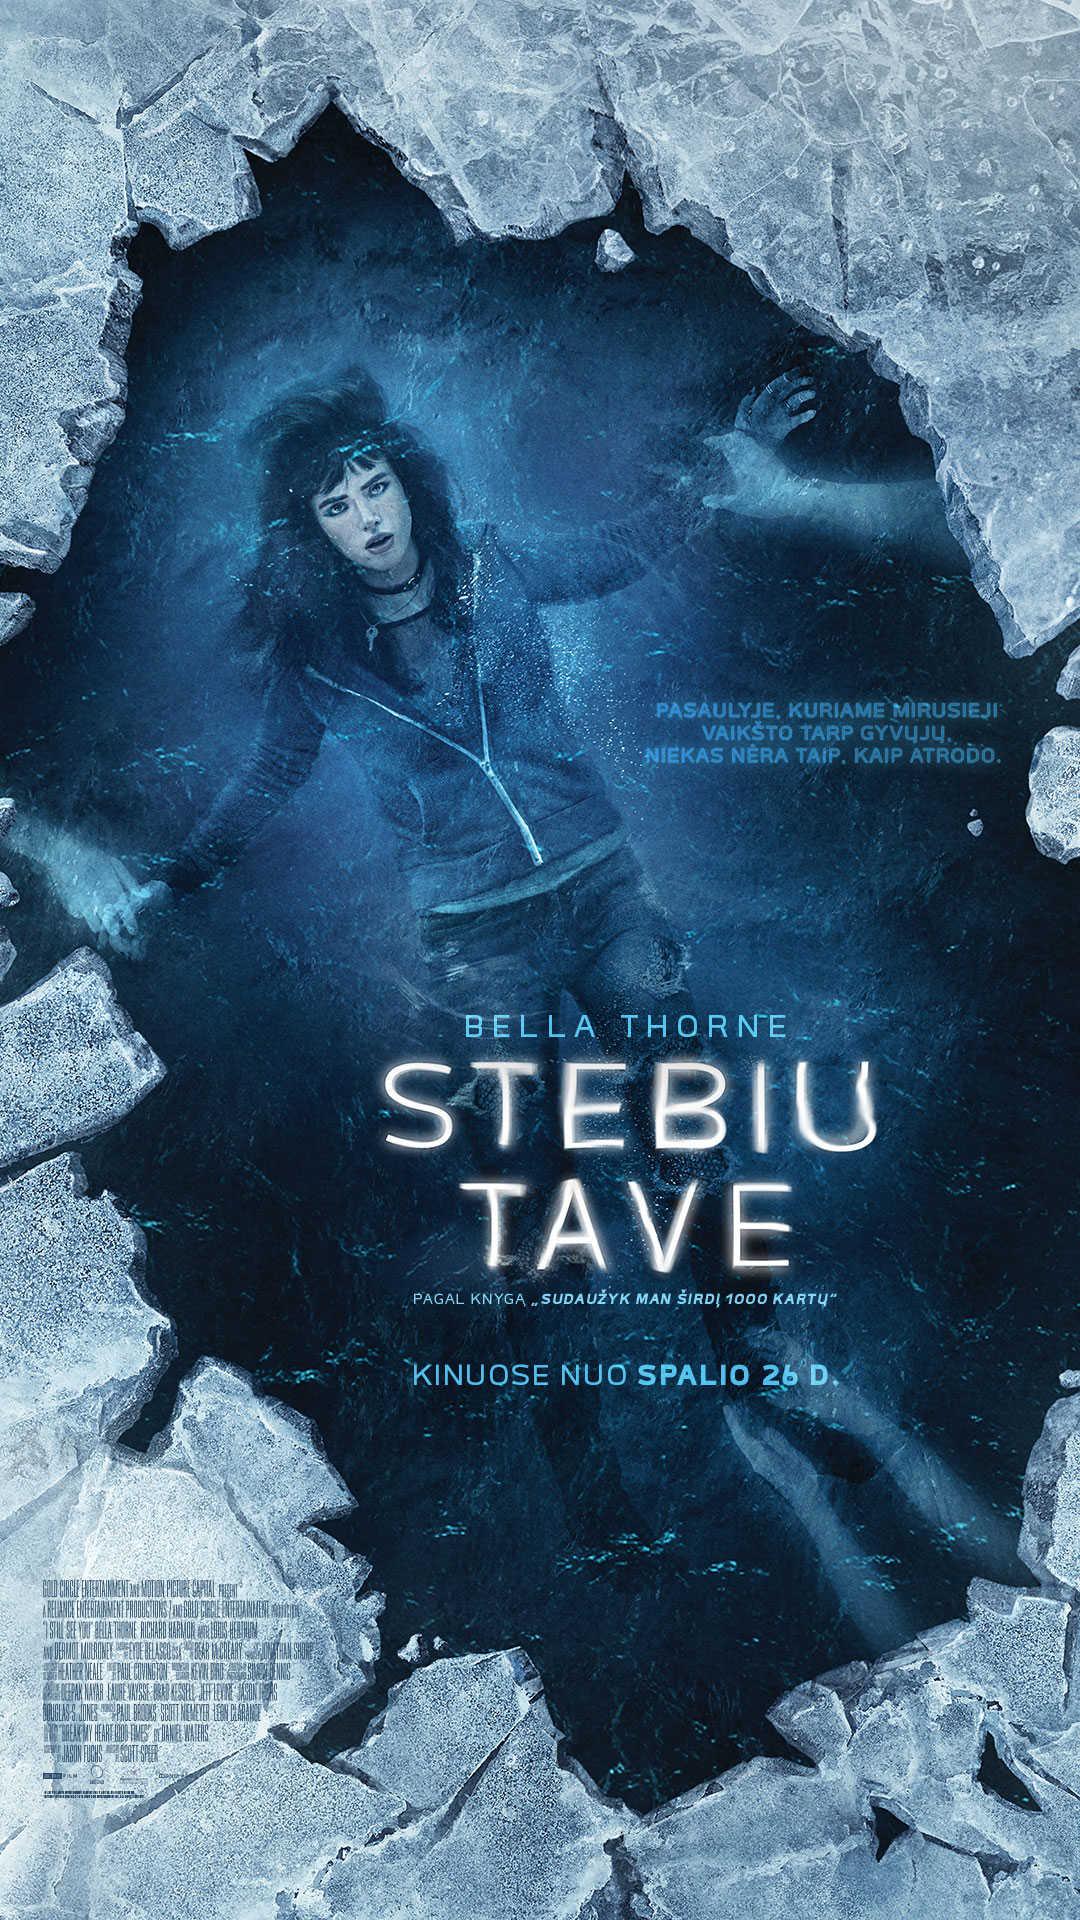 STEBIU TAVE (I still see you)